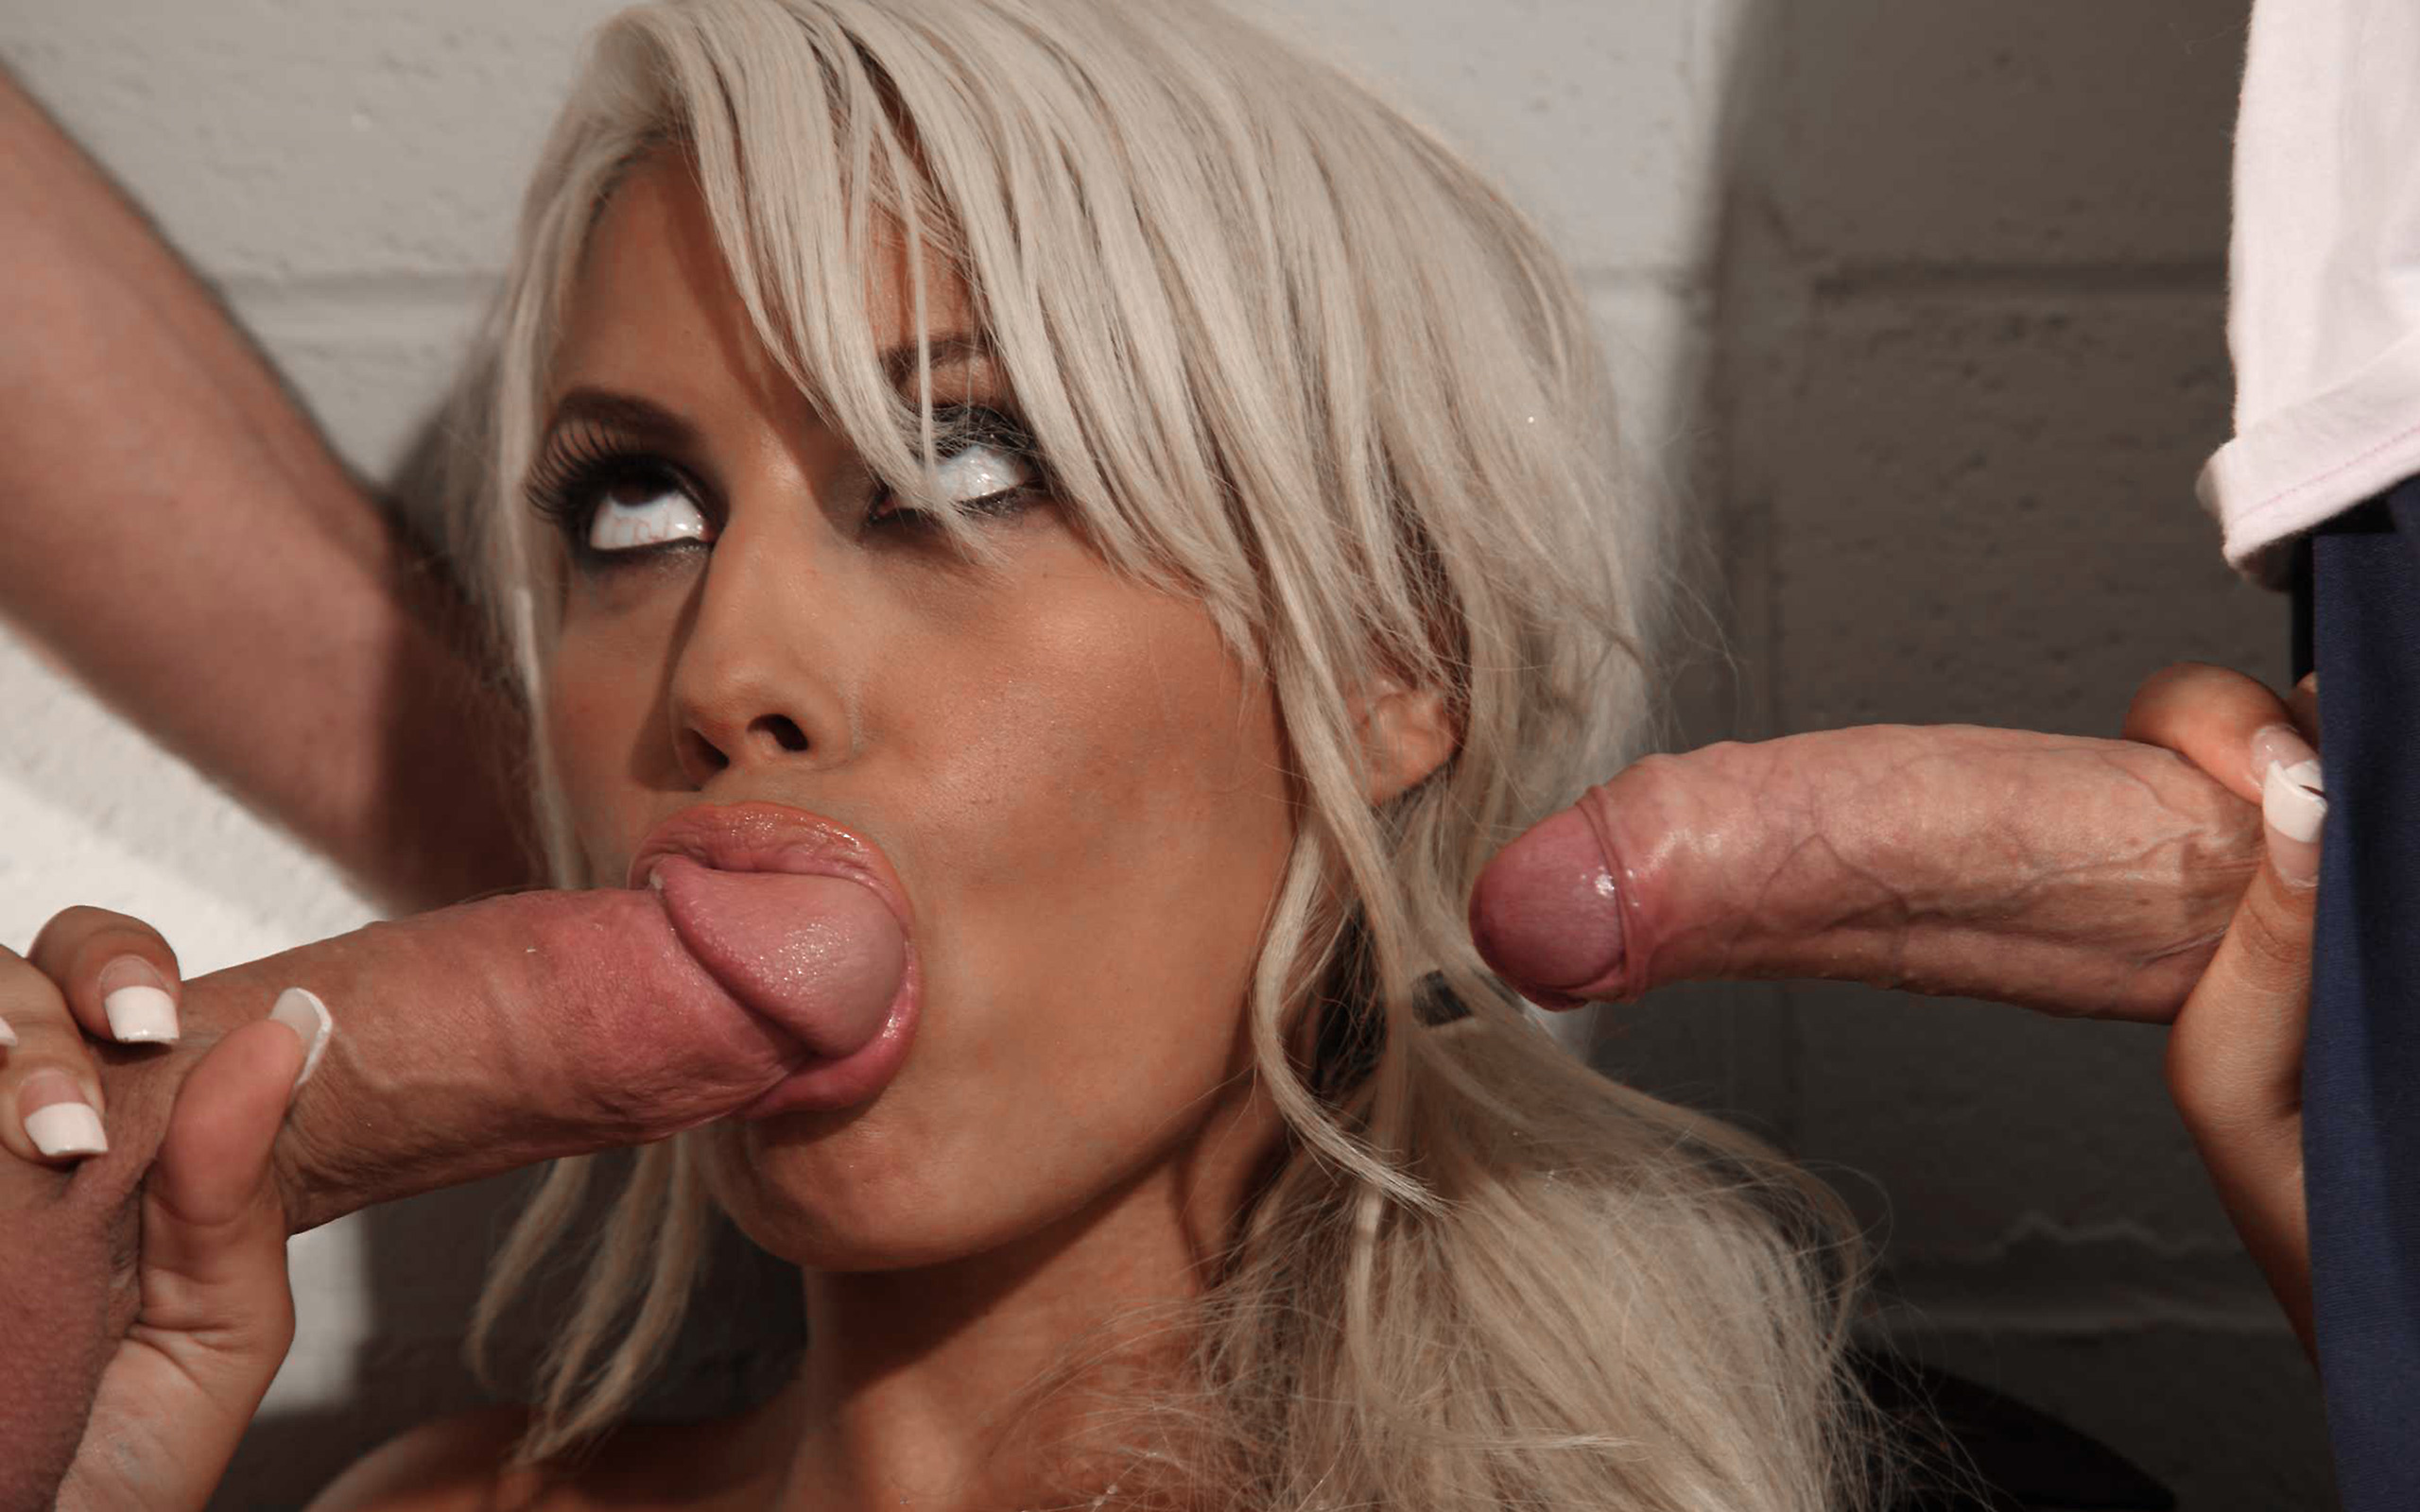 Lick my clit pics